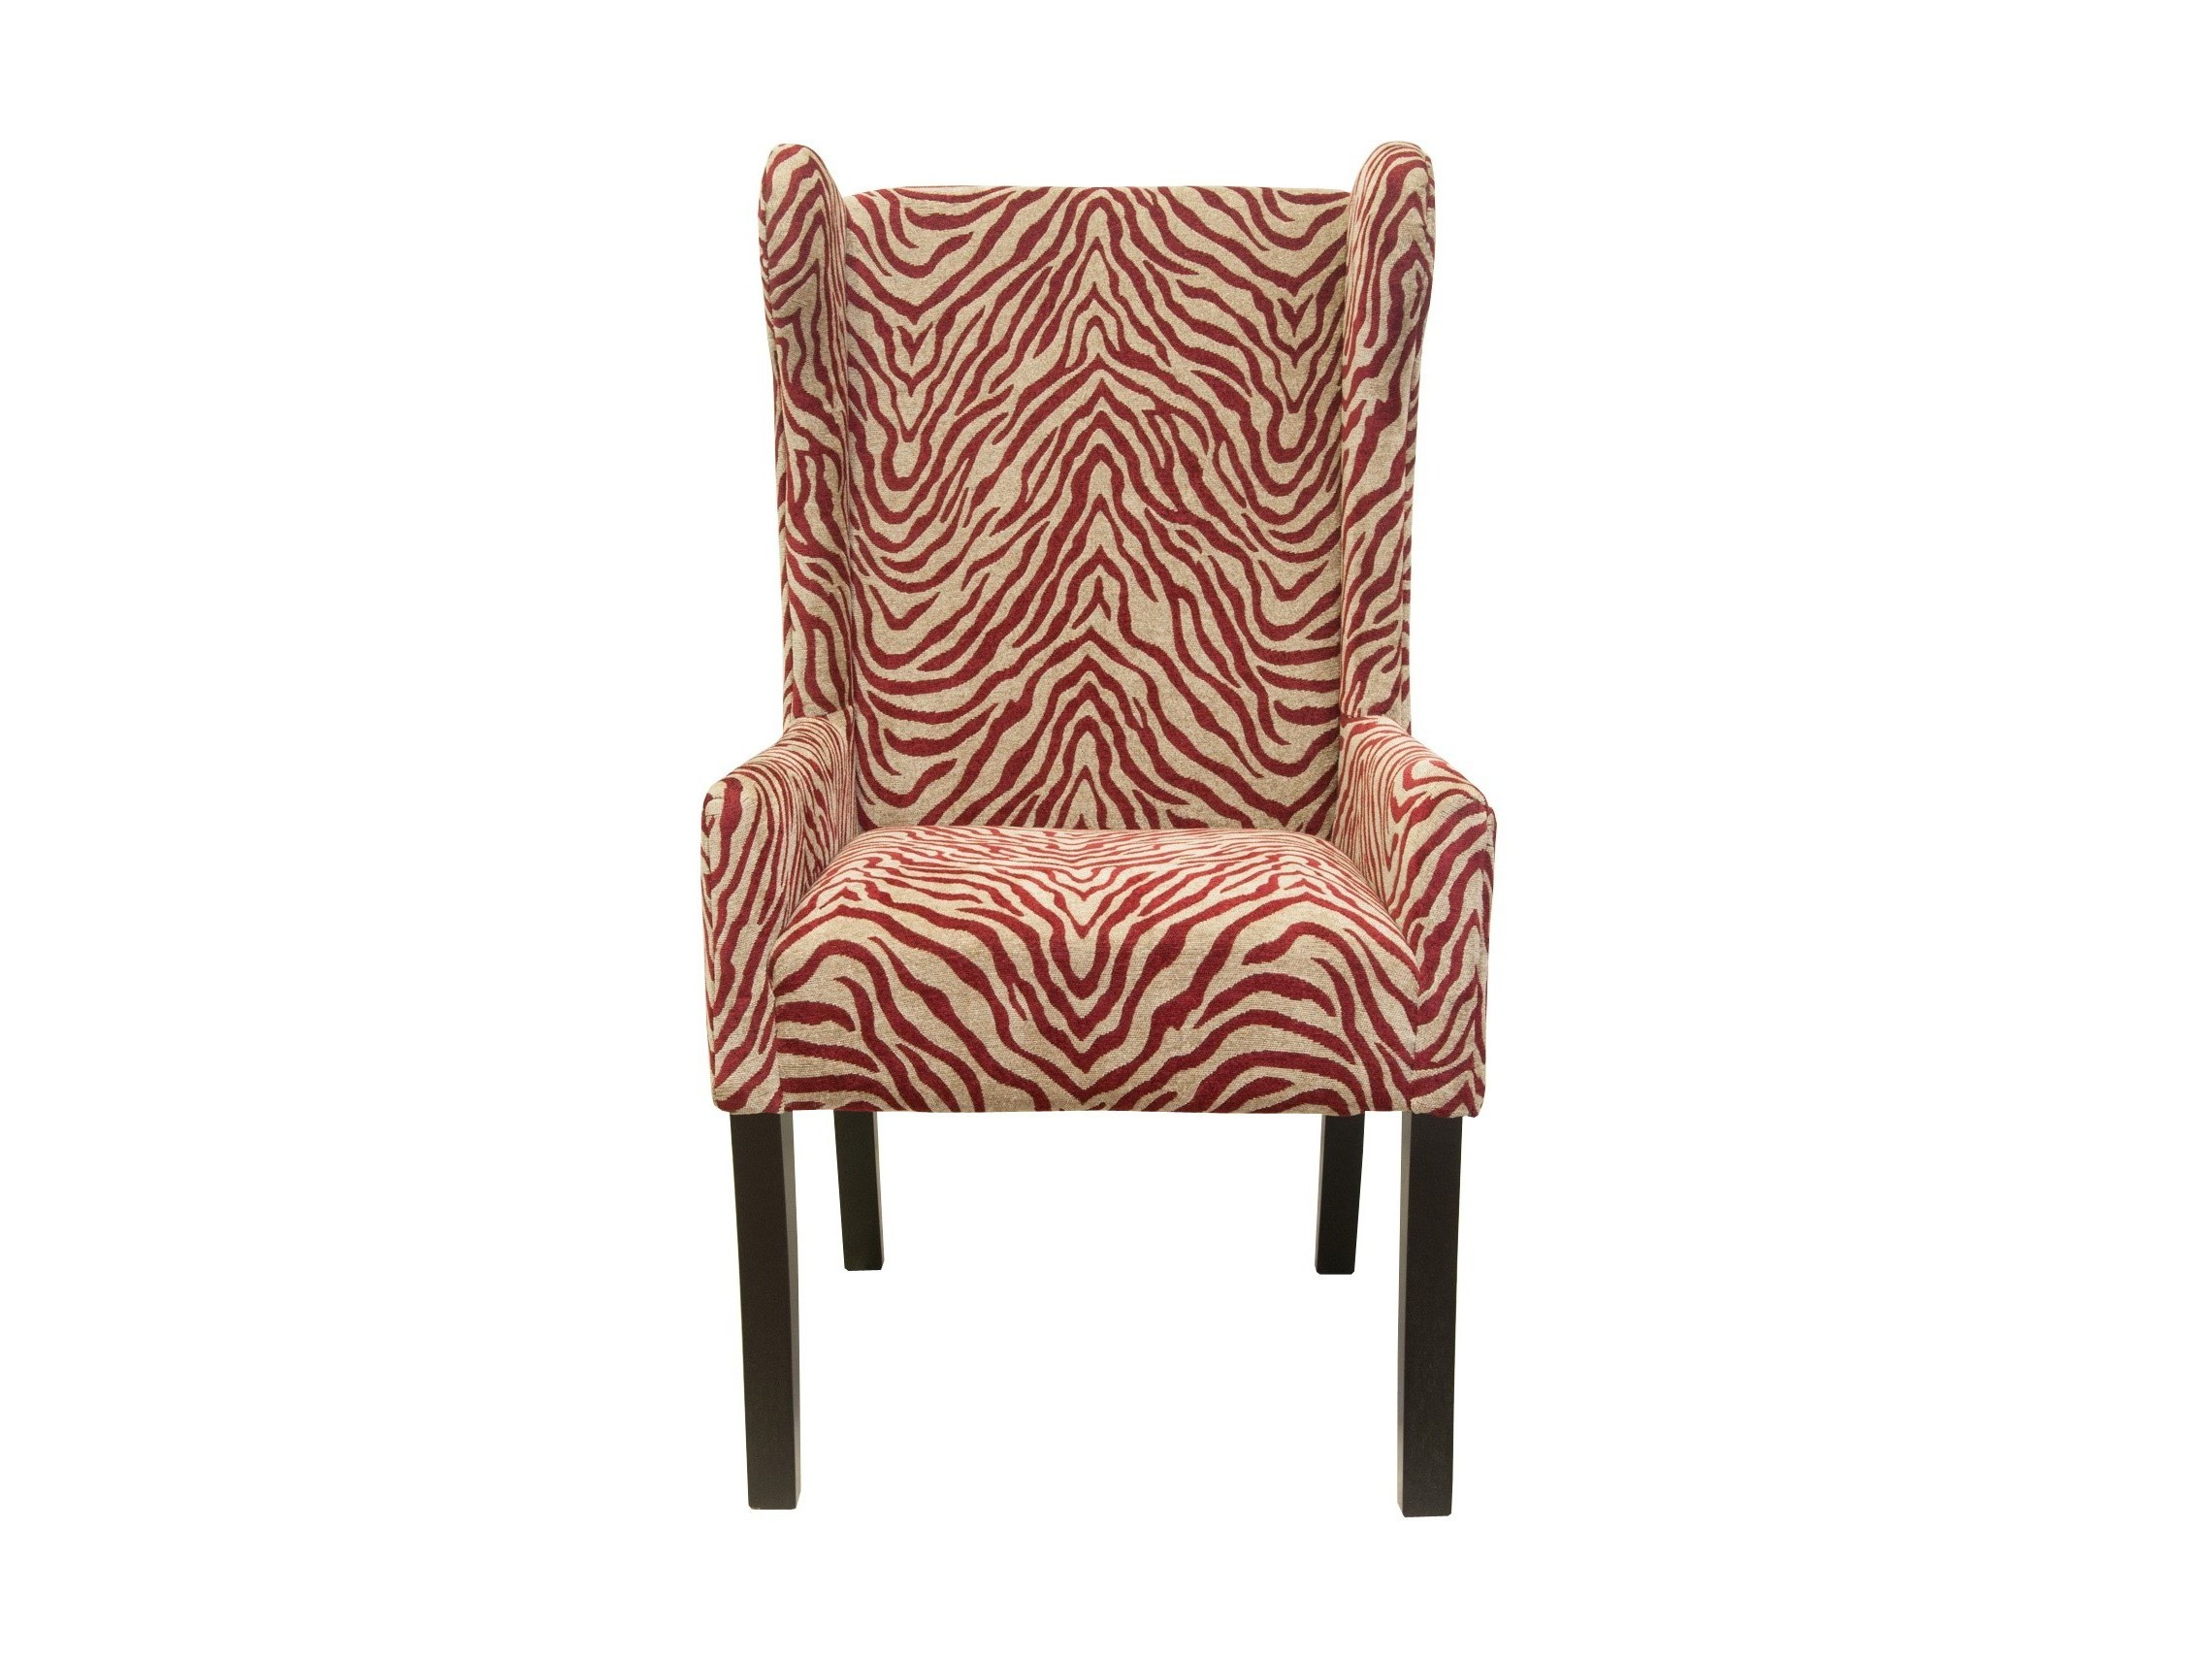 Кресло ZebraКресла с высокой спинкой<br>Яркое, полосатое кресло просто создано для любителей современного интерьера. Такое кресло придаст энергичную и динамичную атмосферу вашему интерьеру. &amp;amp;nbsp; &amp;amp;nbsp;<br><br>Material: Текстиль<br>Ширина см: 62<br>Высота см: 112<br>Глубина см: 62